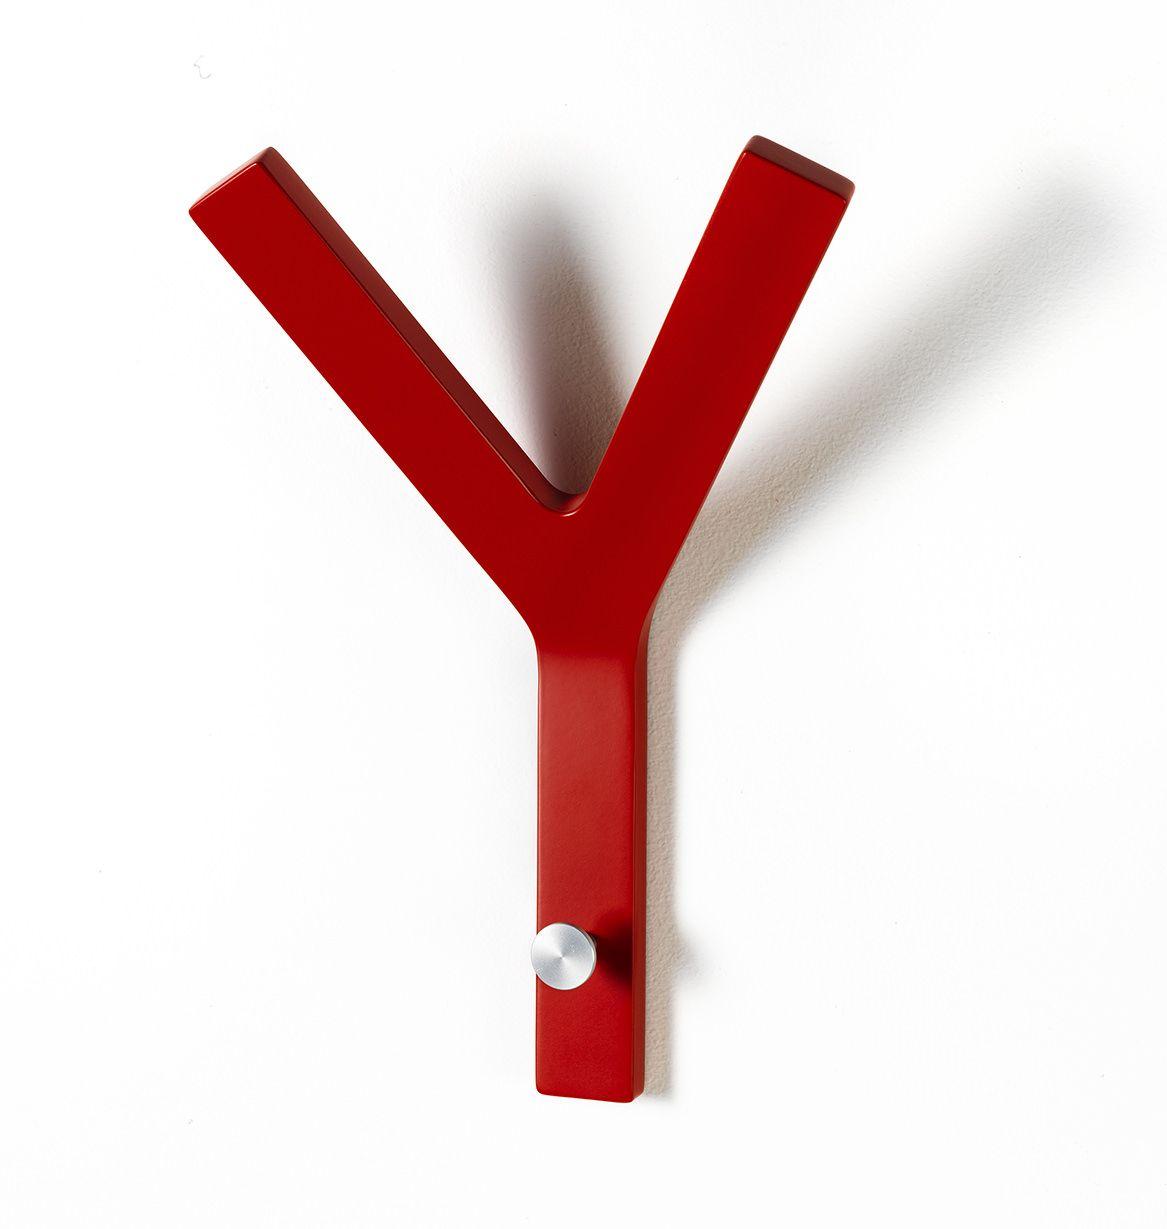 Milano Y-knage - Rød knage i formspændt finer.